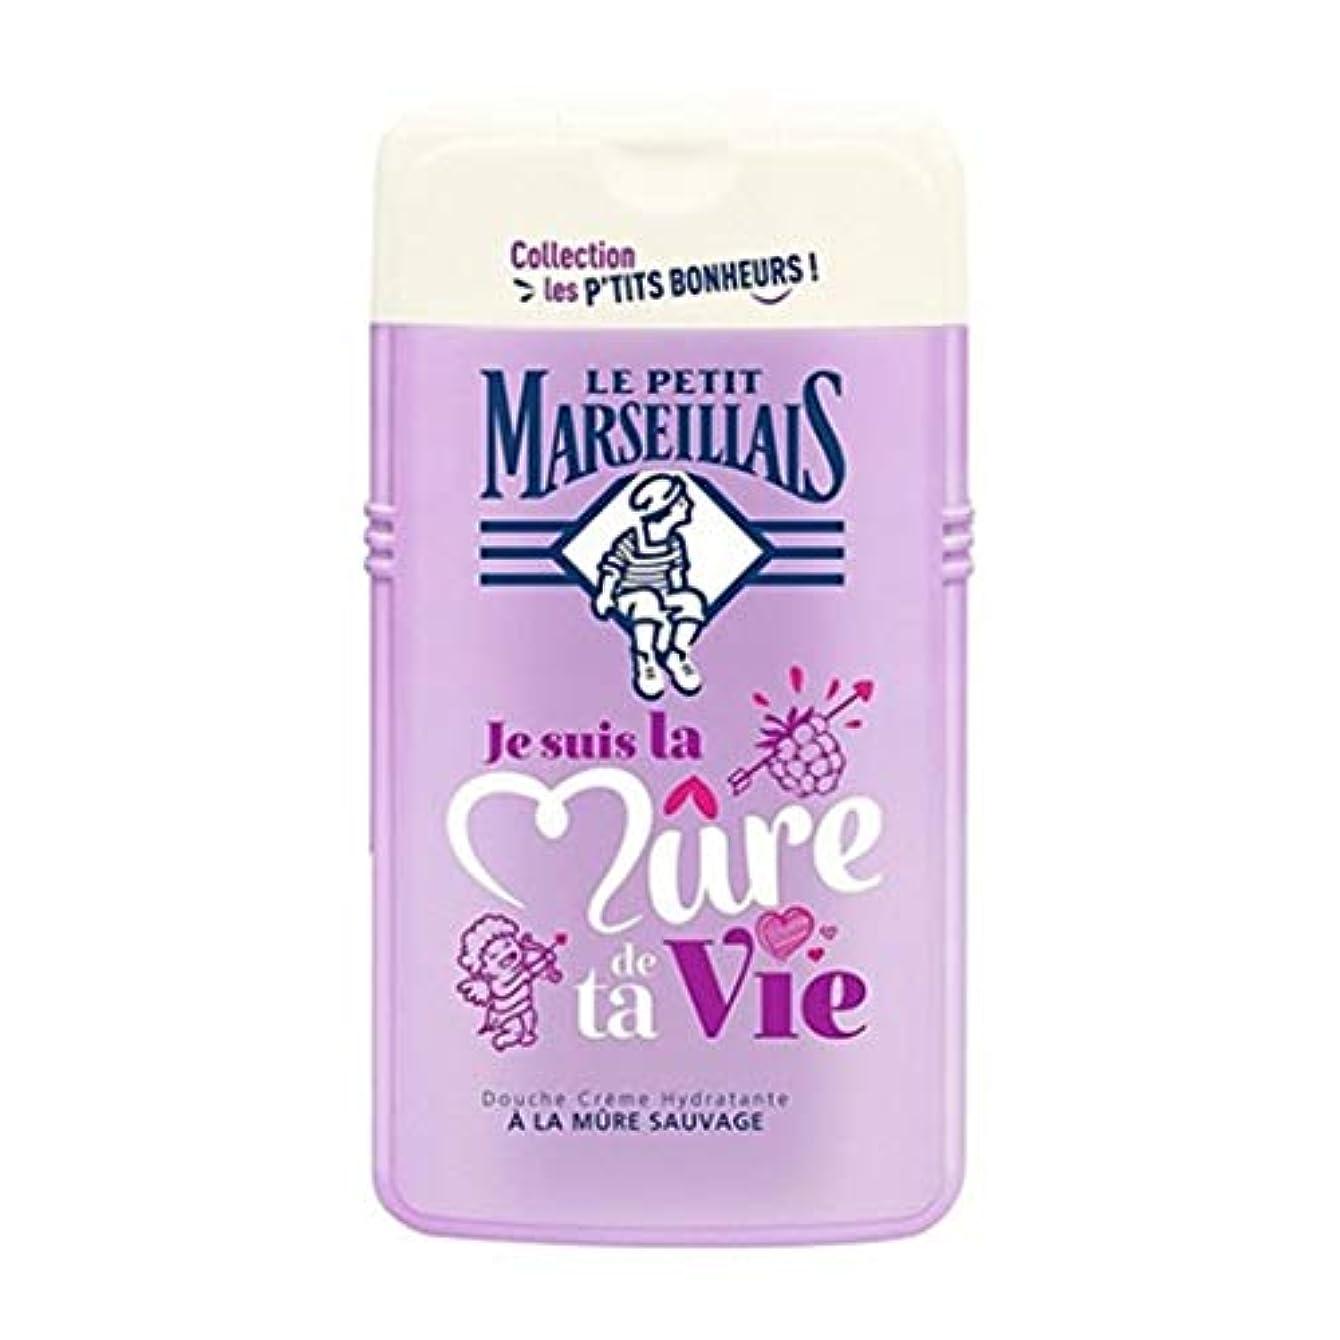 自然公園くさび哺乳類「ブラックベリー」シャワークリーム ???? フランスの「ル?プティ?マルセイユ (Le Petit Marseillais)」 les P'TITS BONHEURS 250ml ボディウォッシュ